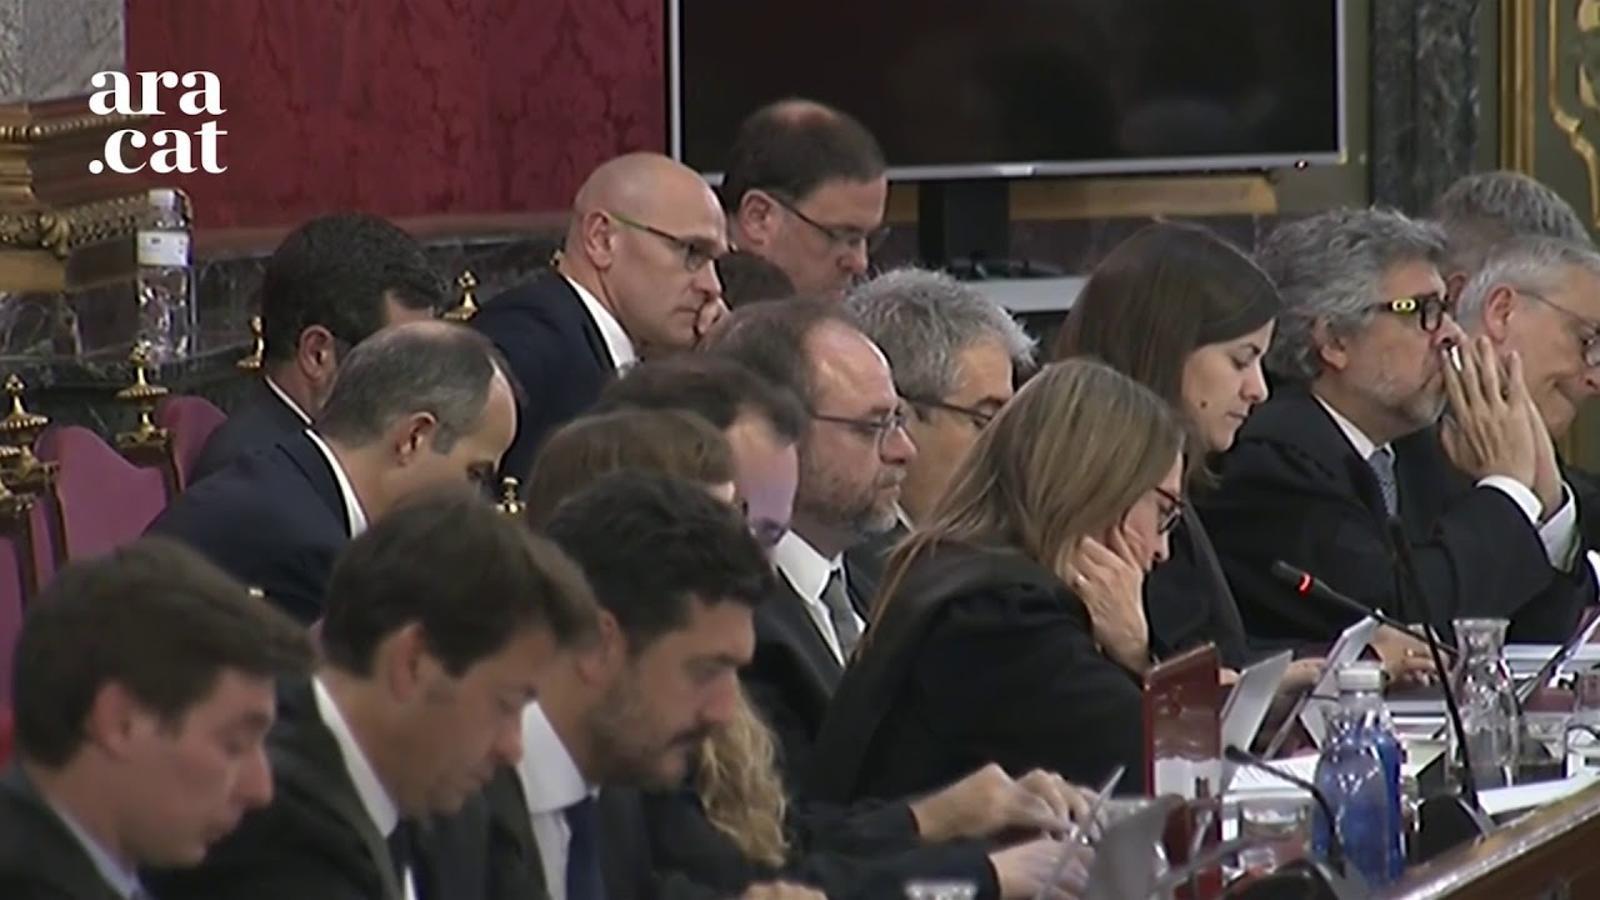 Anna Teixidó diu que la Guàrdia Civil no li va dir a Jordi Sànchez que hi havia armes perquè no ho utilitzés